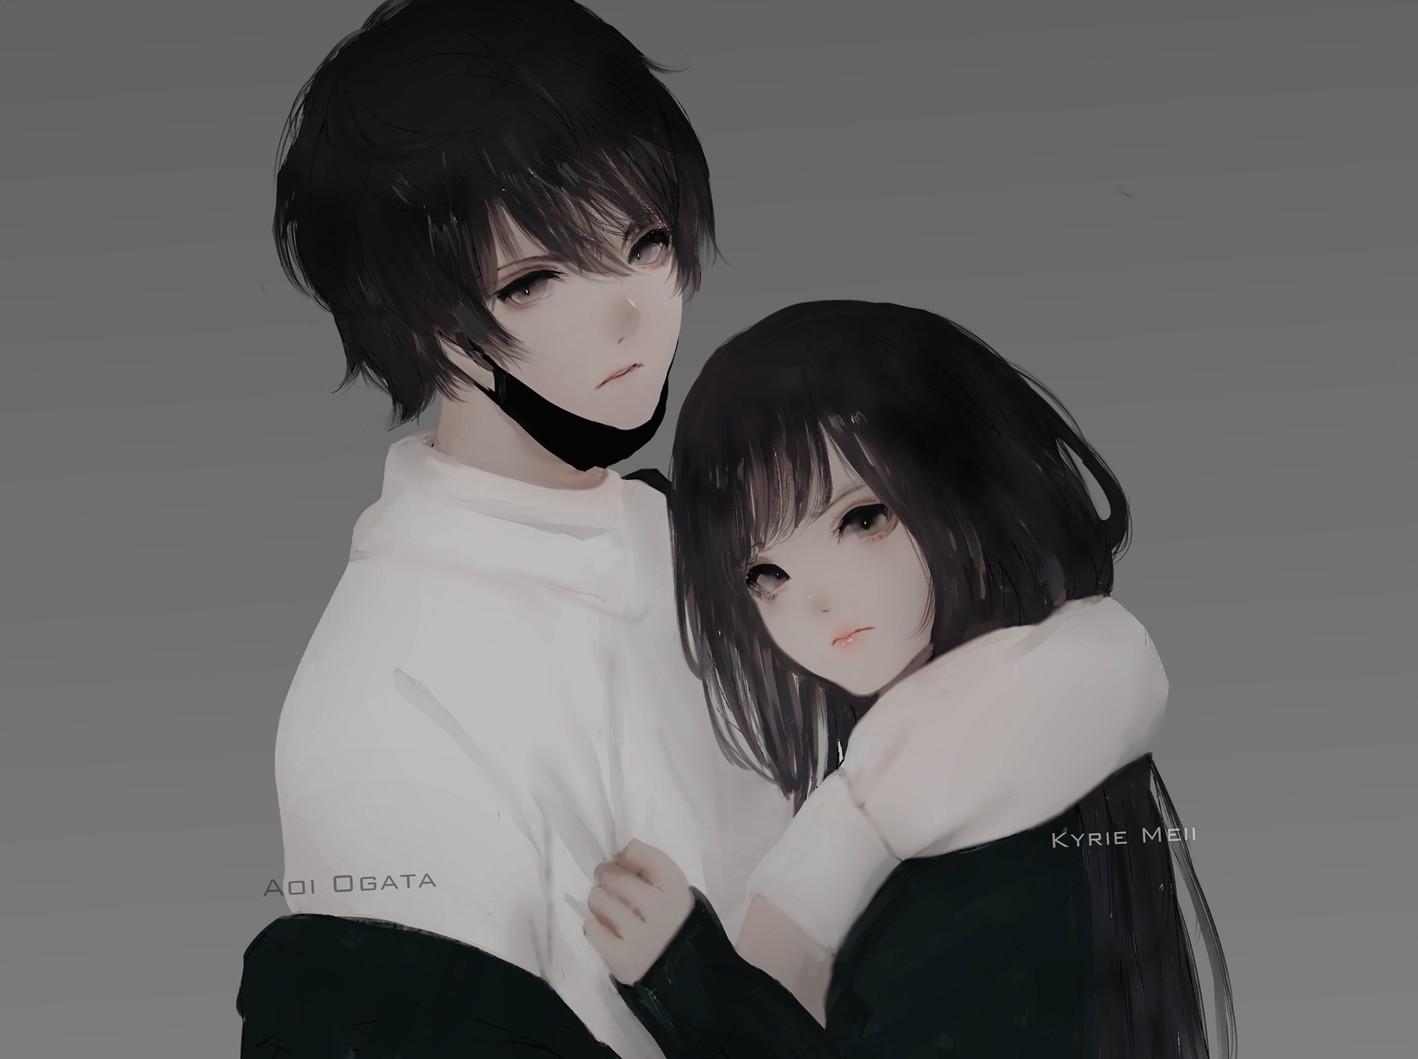 Aoi ogata aoi x kyriee1